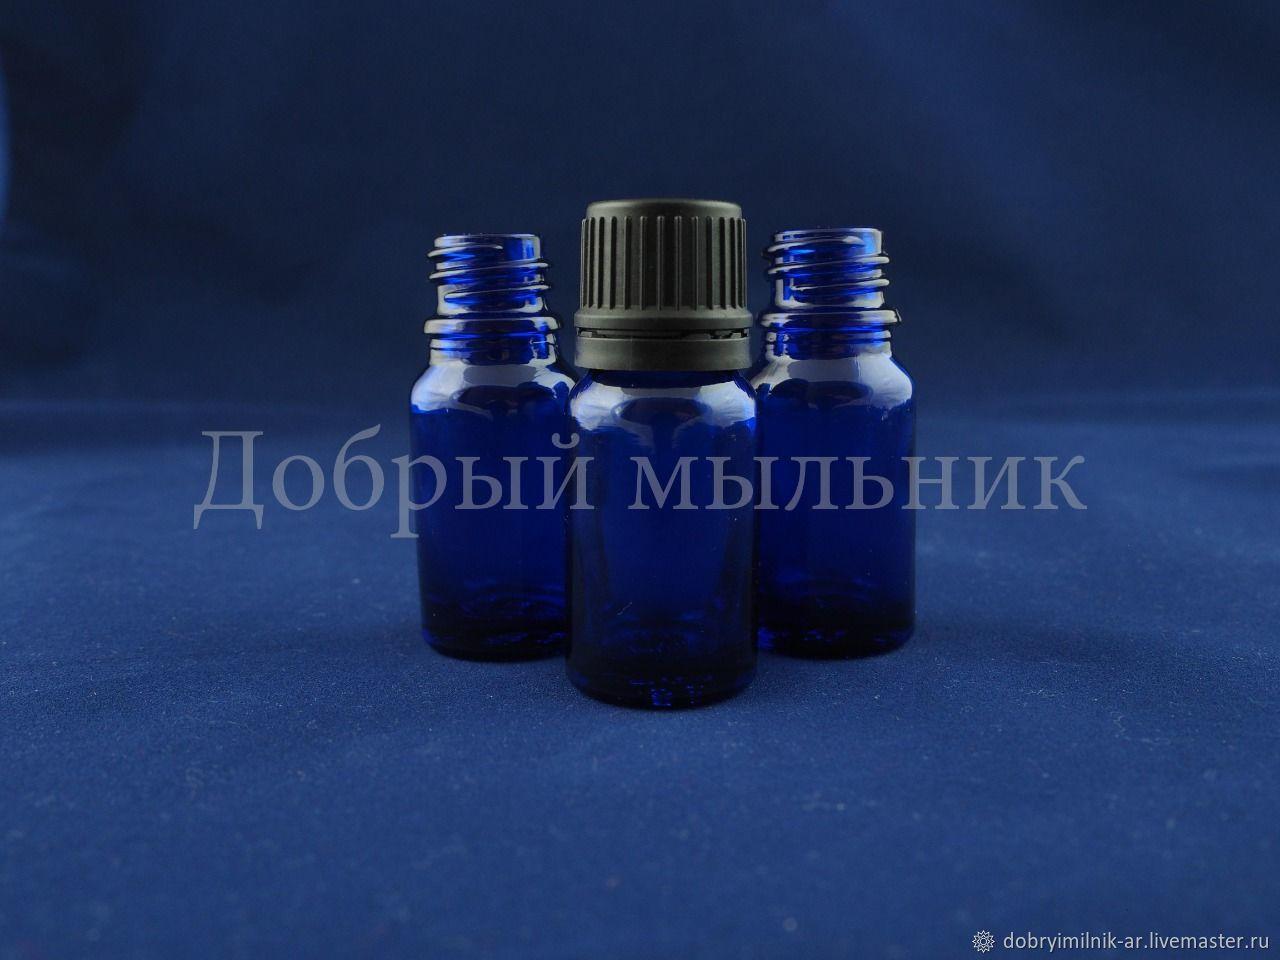 Флакон 5 мл стекло синий, Флаконы, Москва,  Фото №1